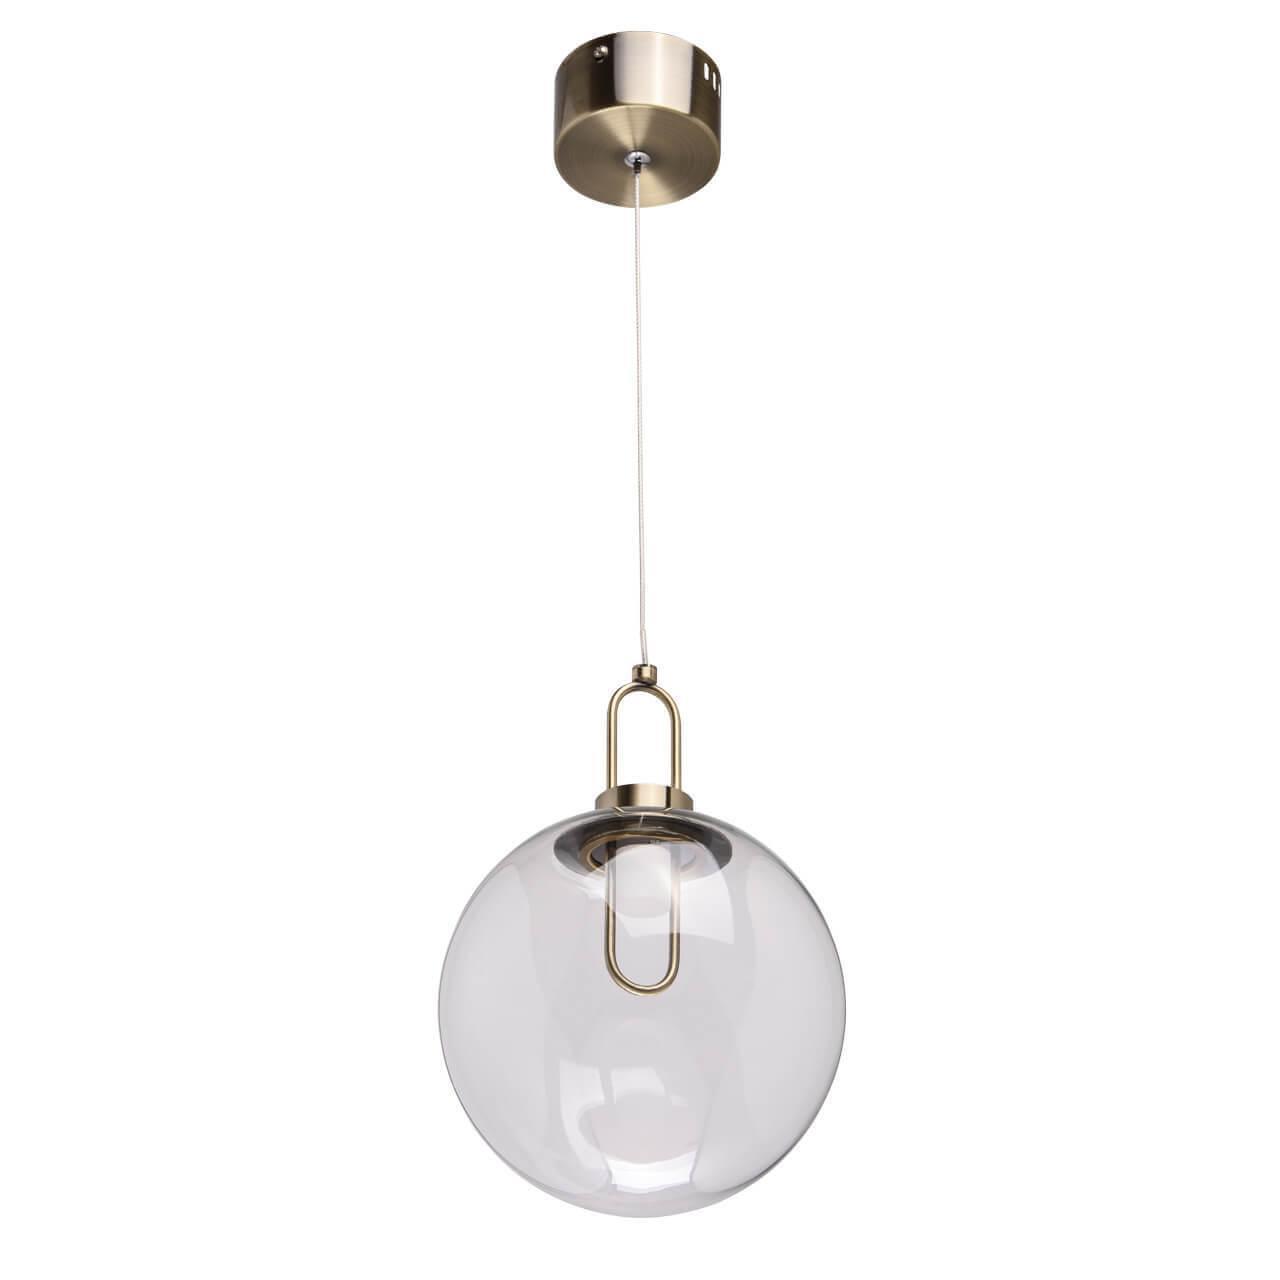 Подвесной светильник De Markt 657011101, LED, 5 Вт